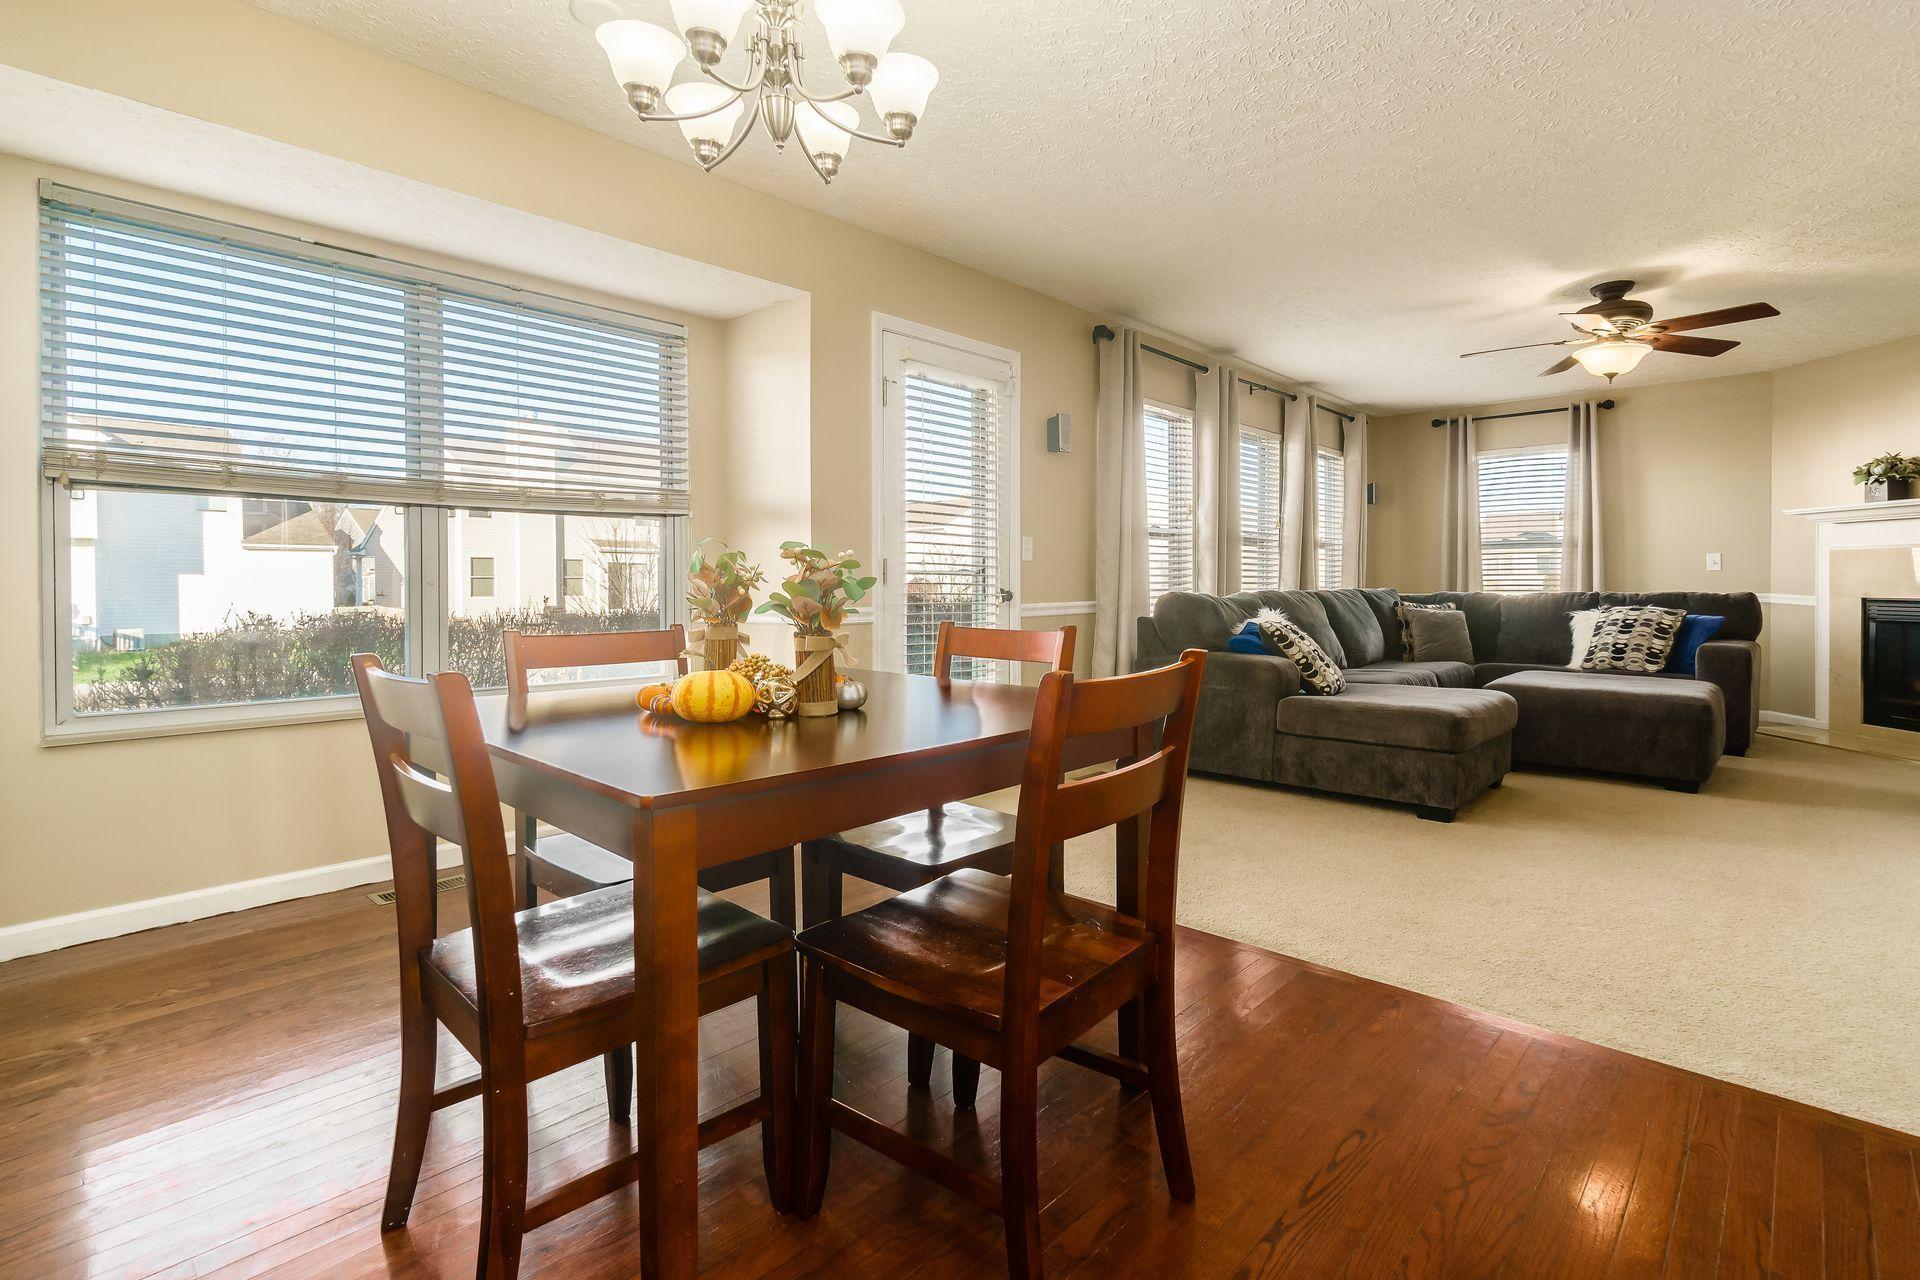 812 Twin Acorn Court, Blacklick, Ohio 43004, 4 Bedrooms Bedrooms, ,3 BathroomsBathrooms,Residential,For Sale,Twin Acorn,220040874